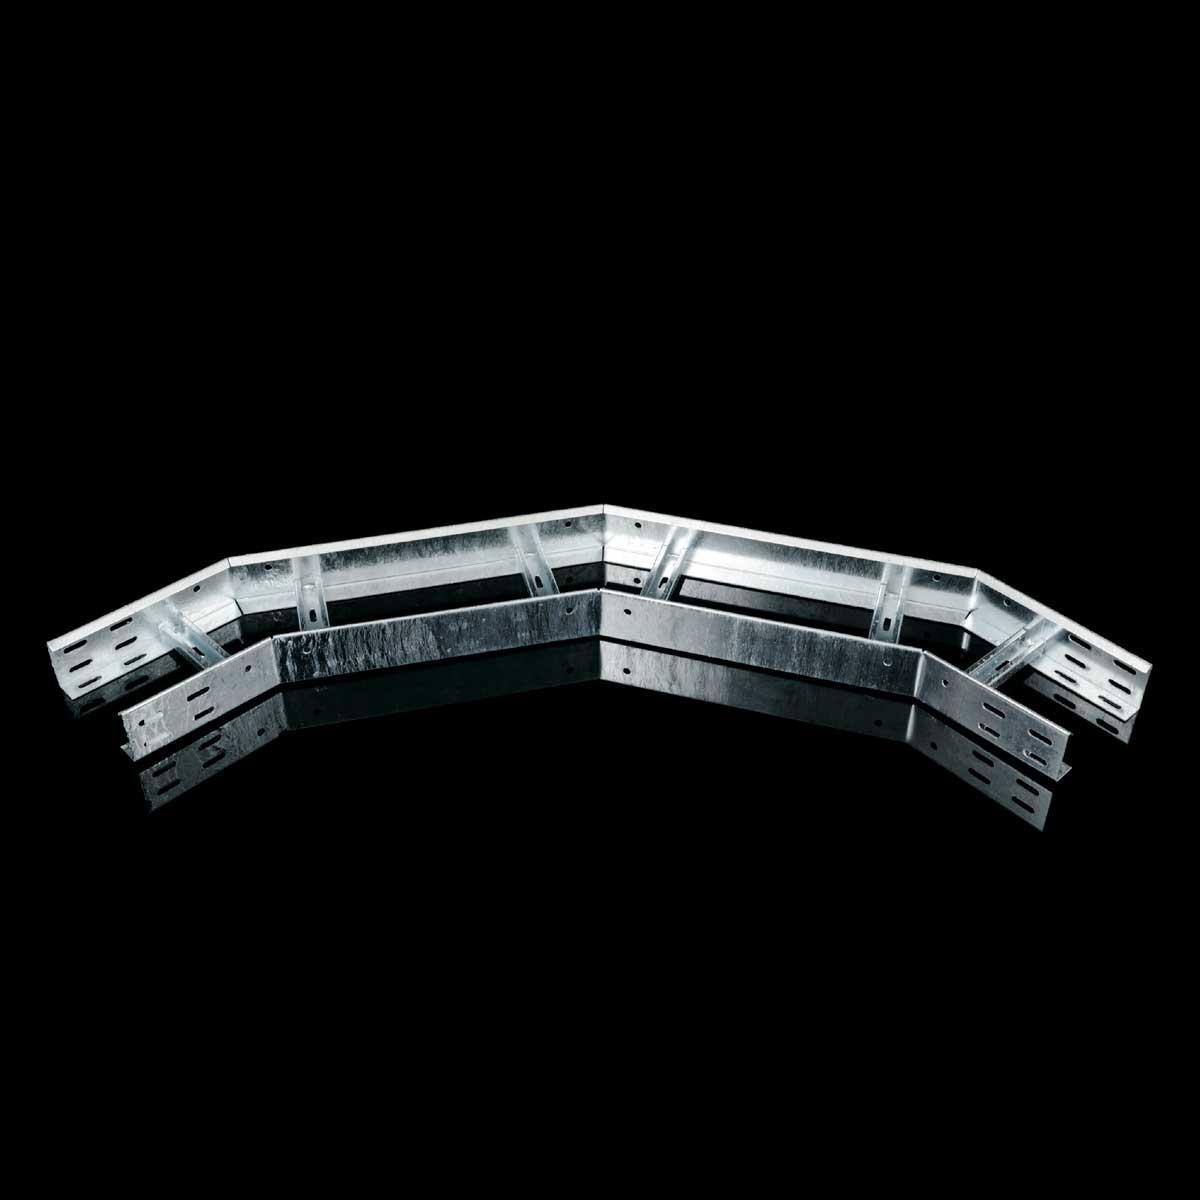 Відгалуження горизонтальне на лоток драбинного типу KOPOS; розміри-60x150xmm Товщ. метал-1,5 Вага-кг/м